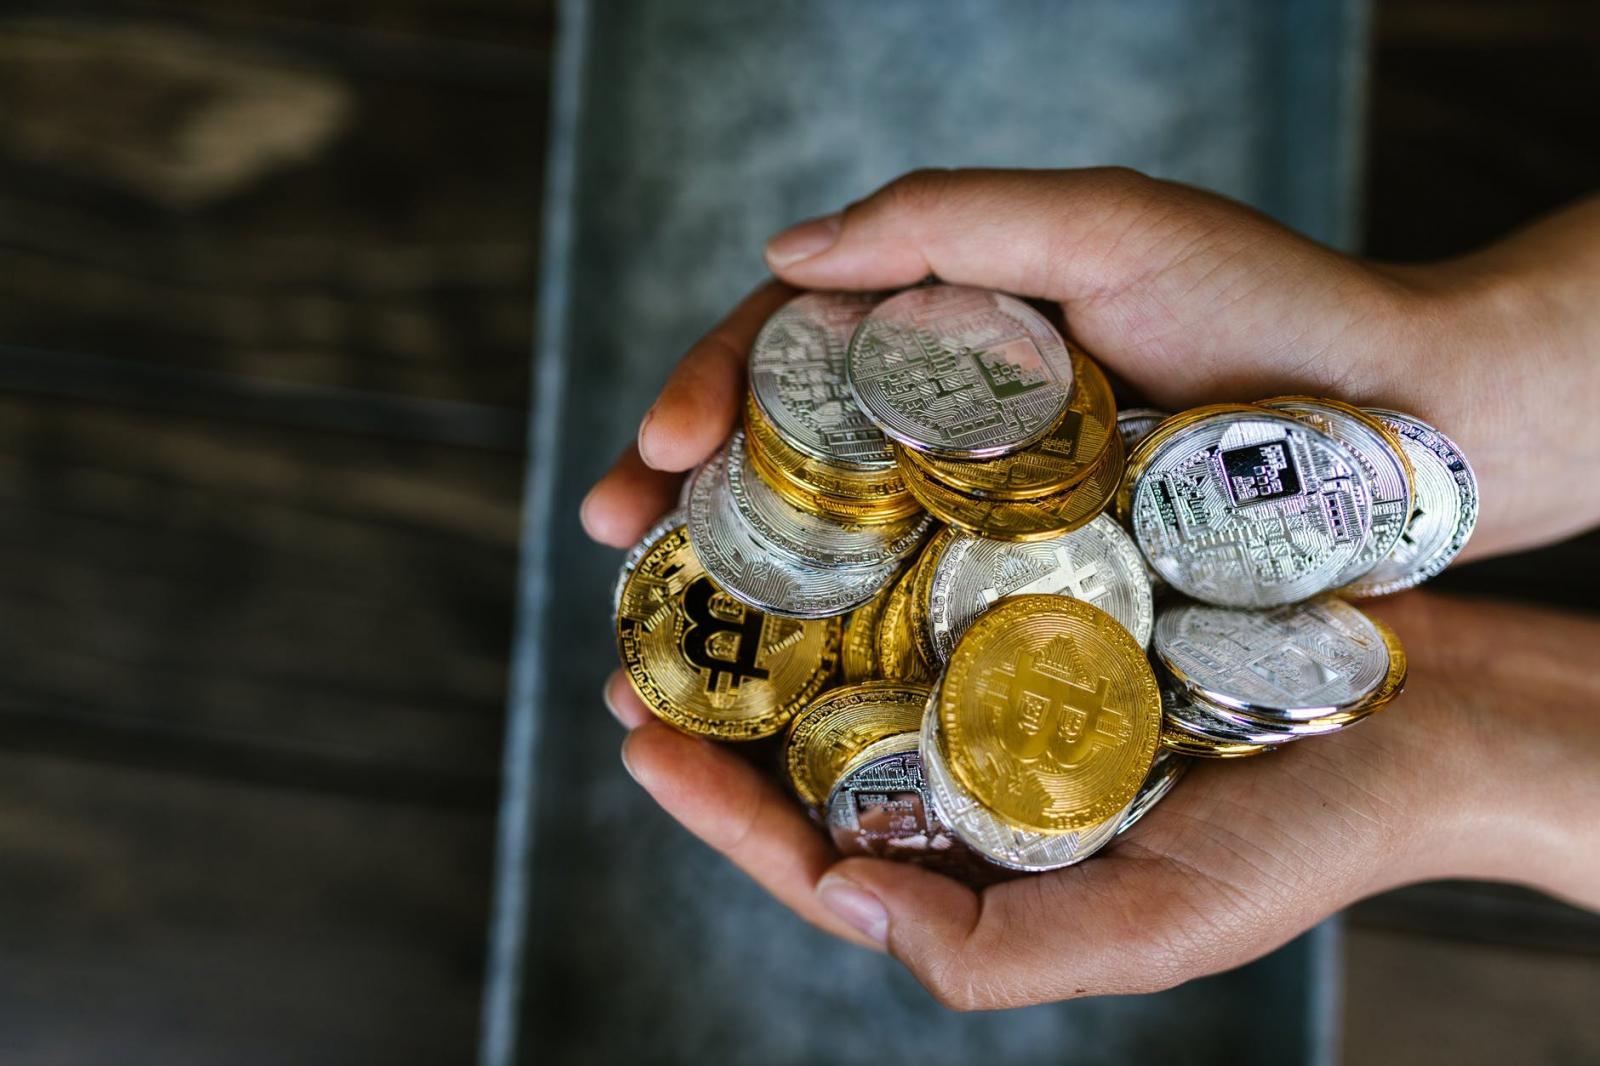 【理財專知】ADA幣是什麼?3分鐘認識它與投資方式